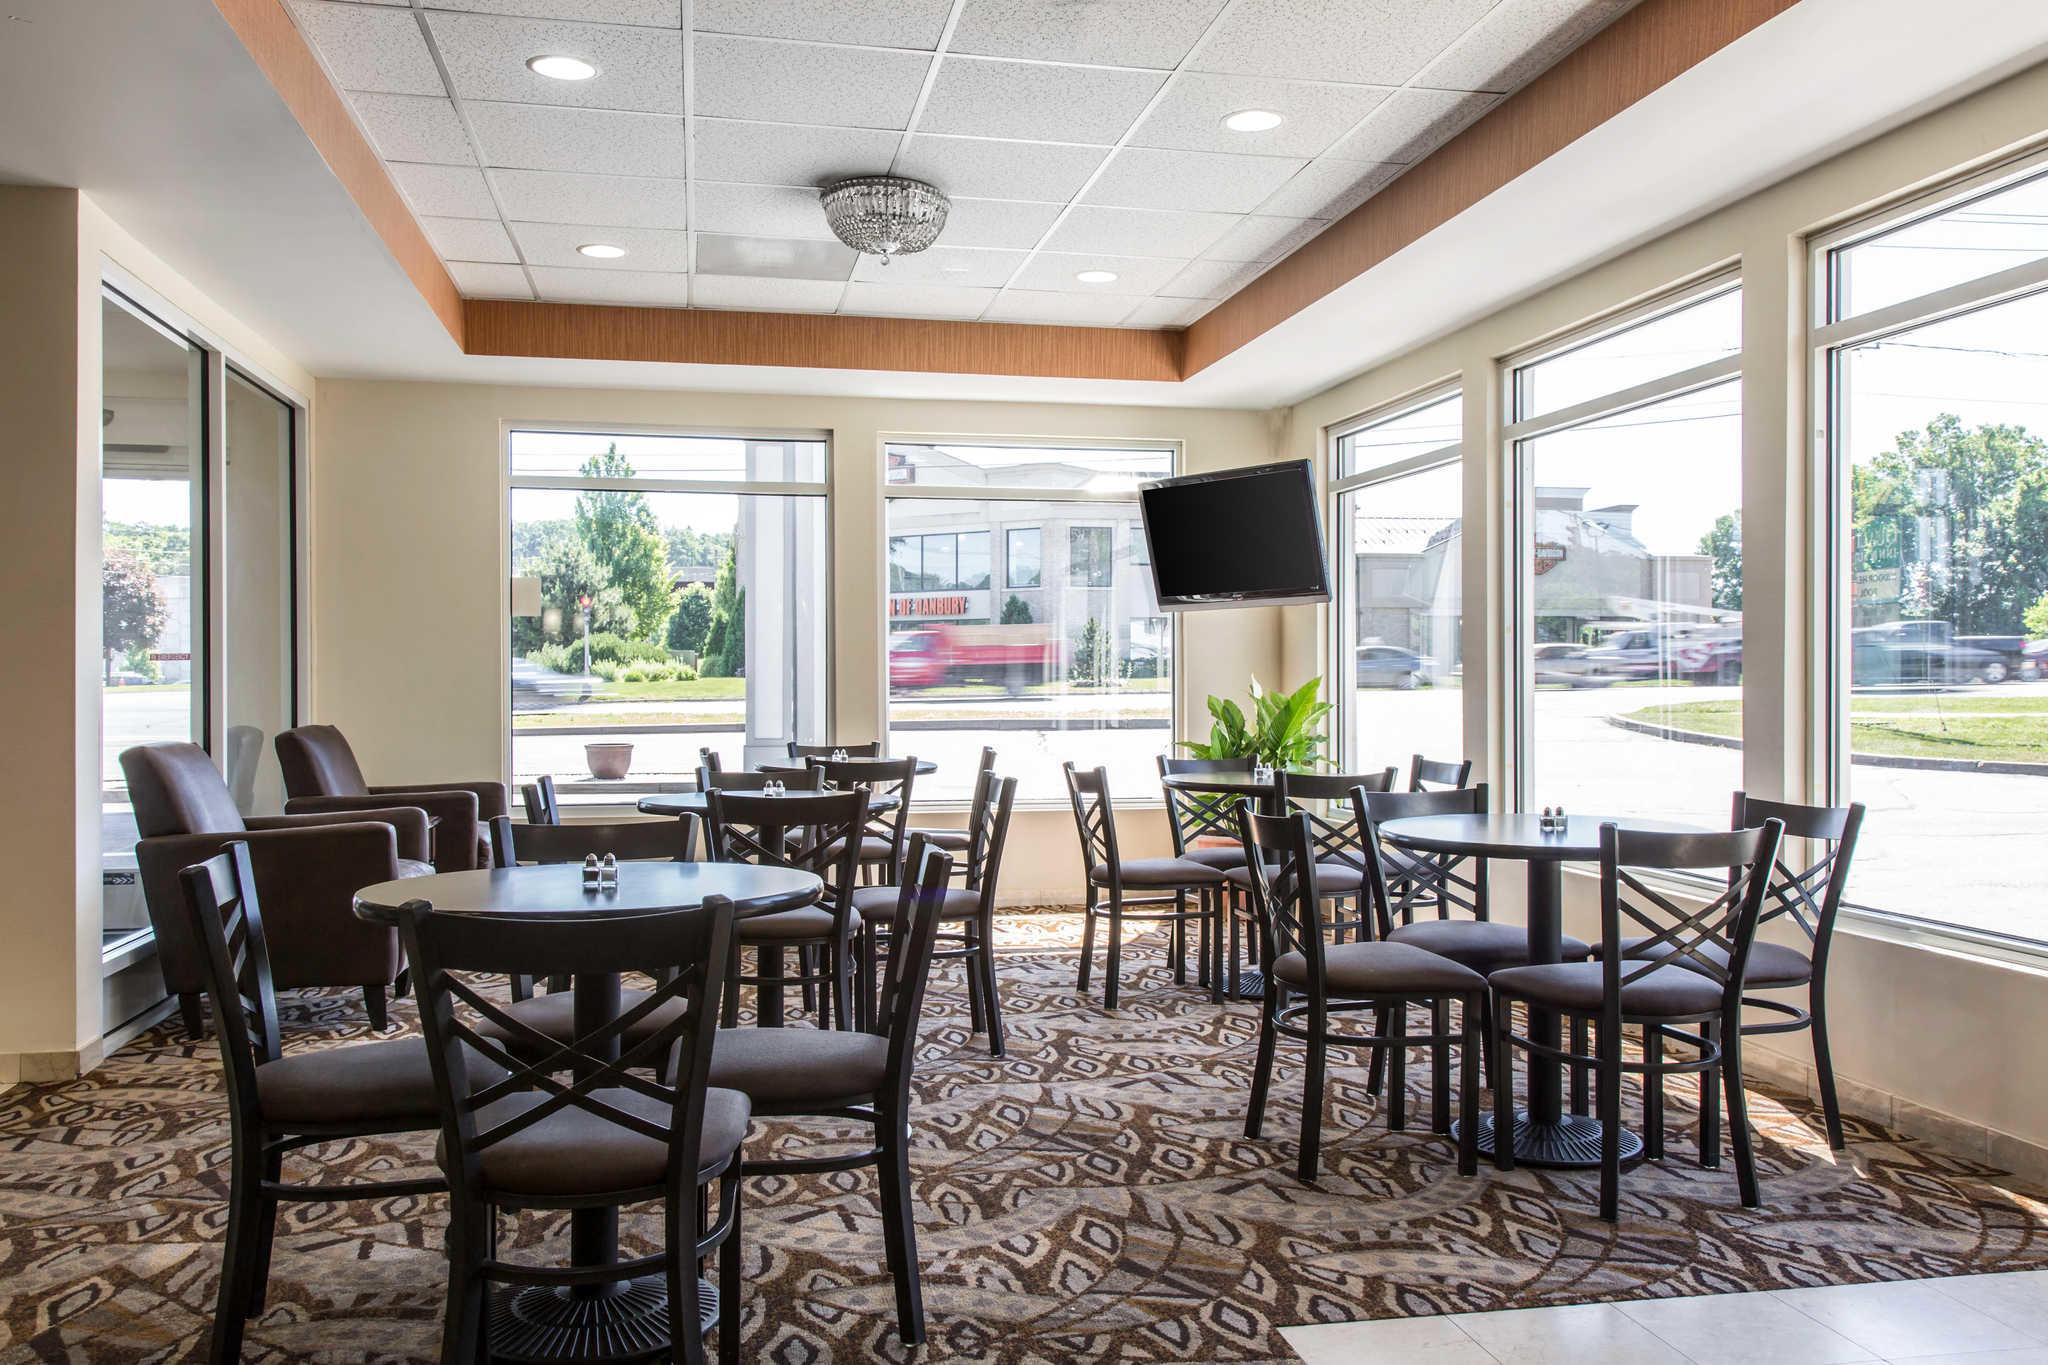 Restaurants Danbury Ct Open Monday